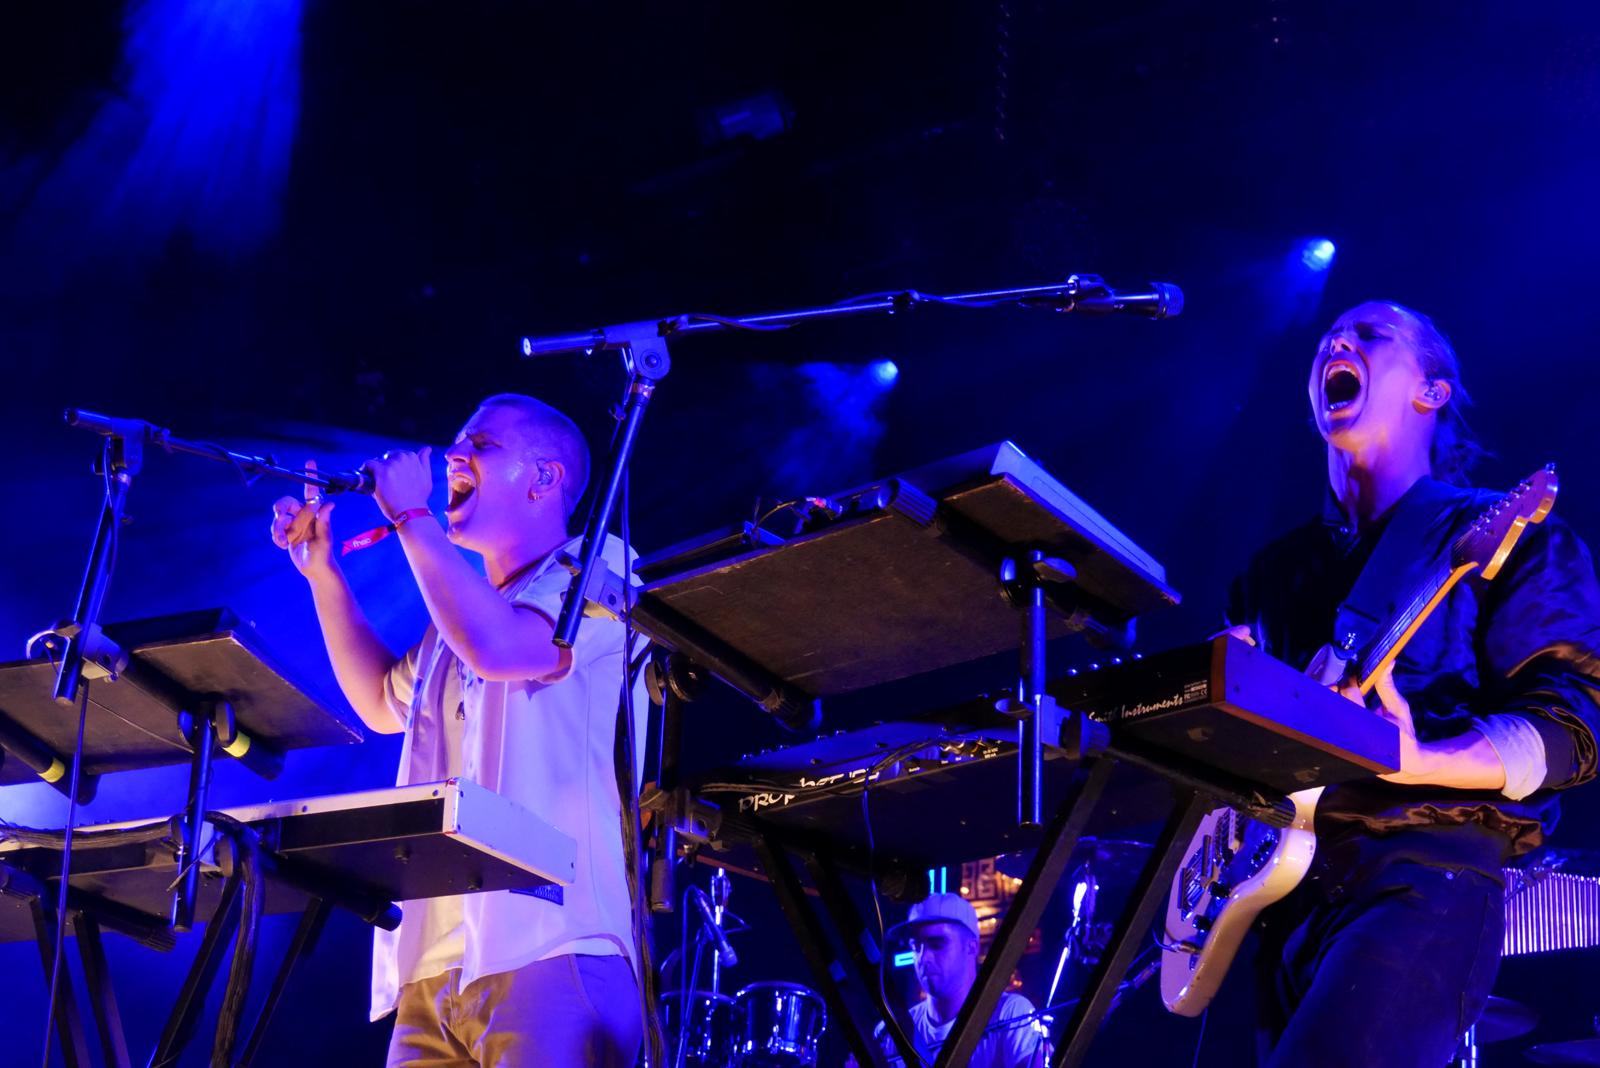 Jungle festival Fnac live 2016 été électro scène concert musique report photo by blog united states of paris